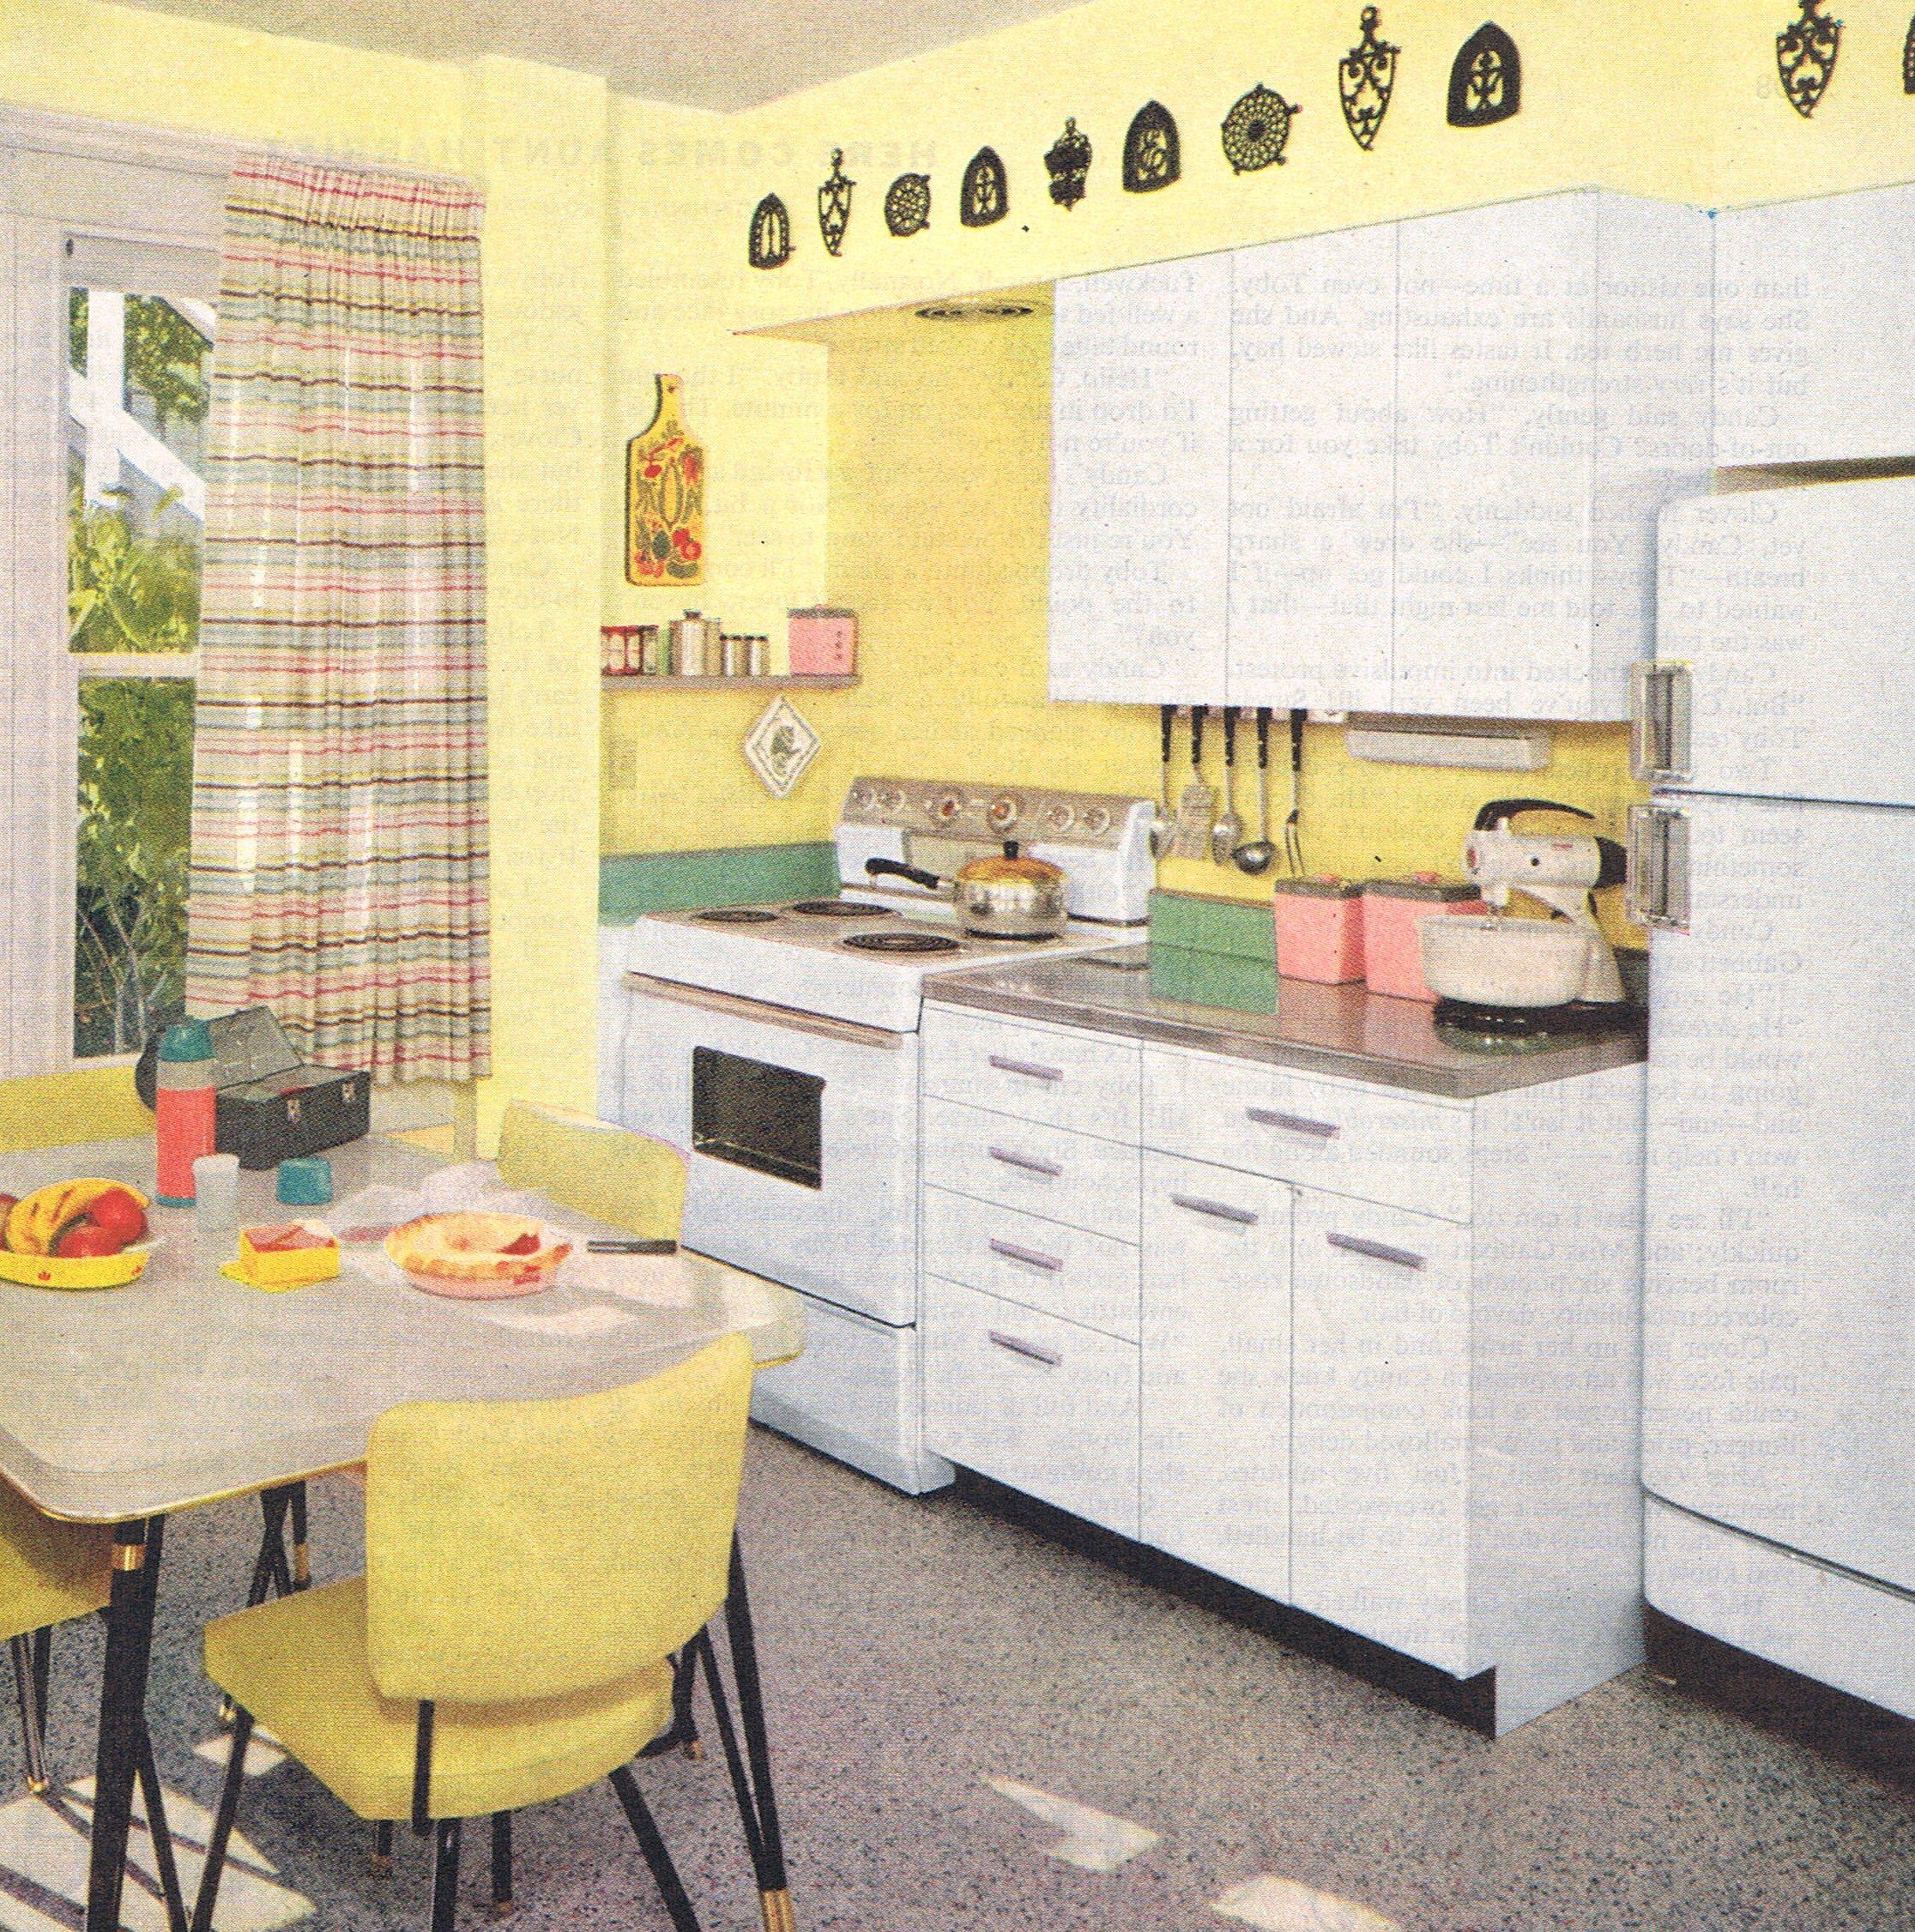 Best Bright Kitchen Design 1957 Mid Century Modern Kitchens 400 x 300